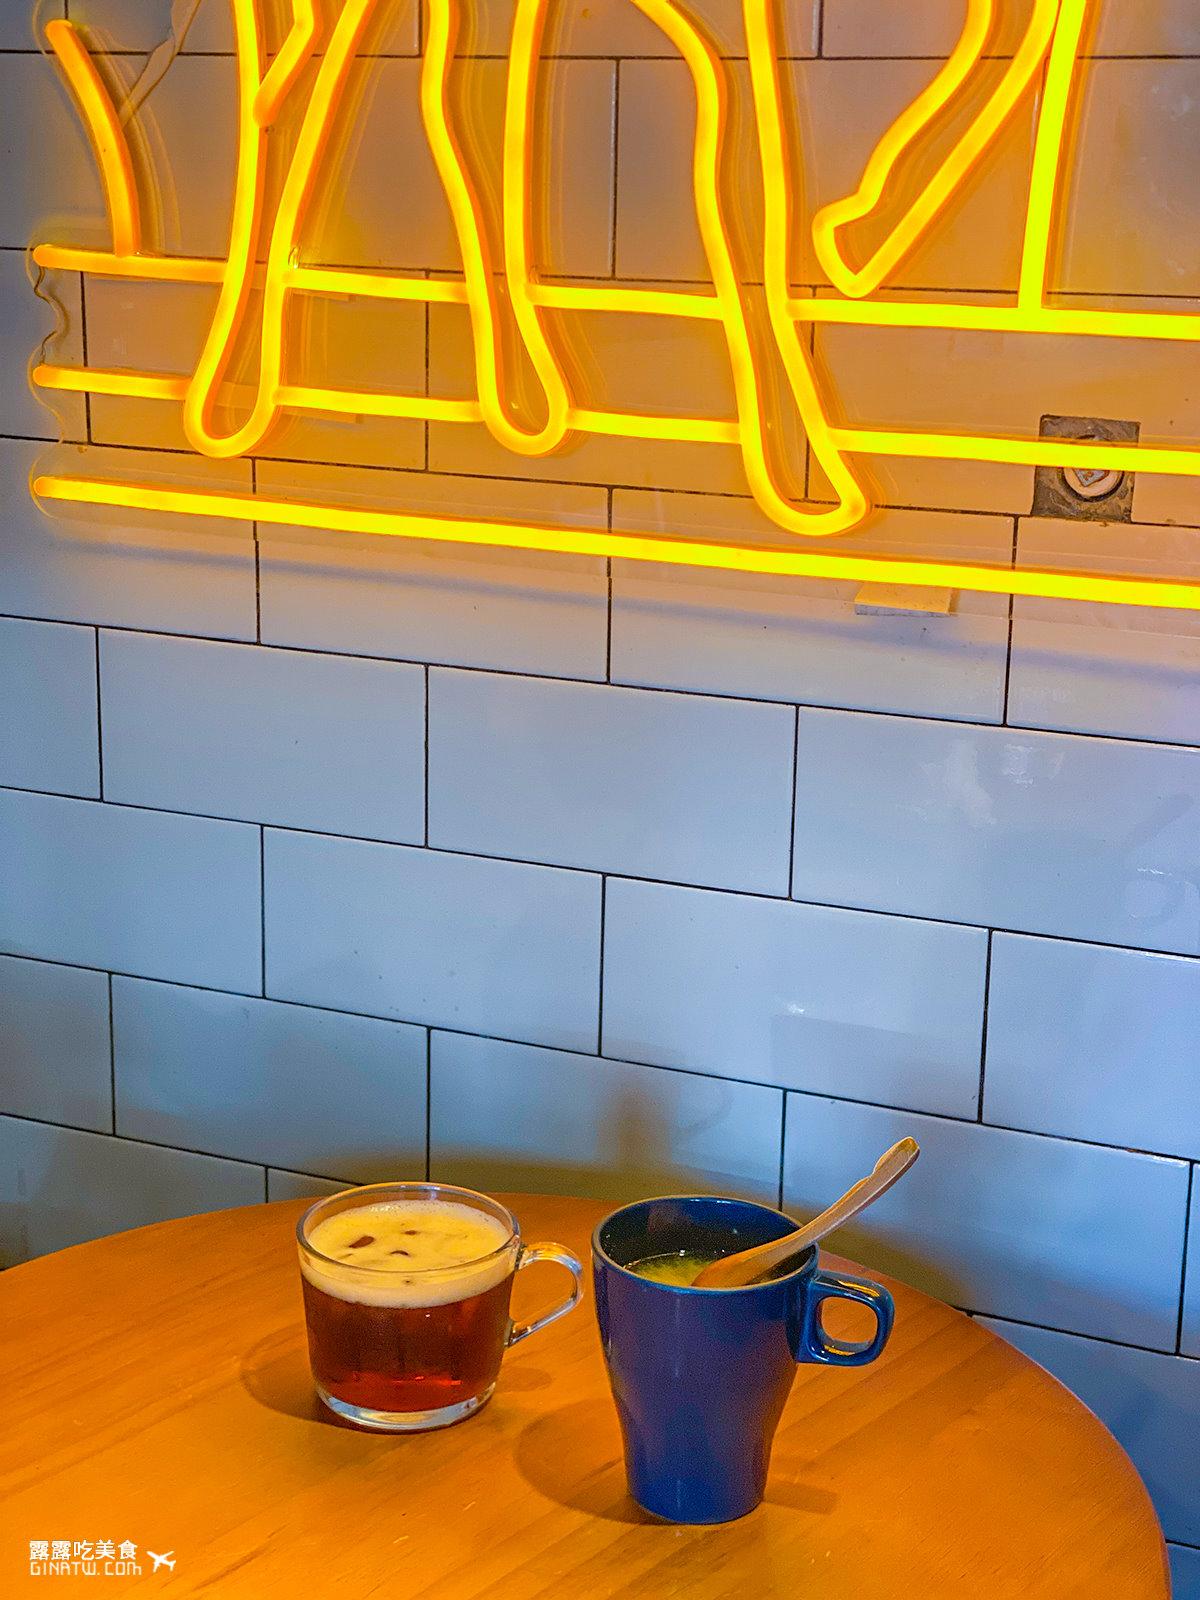 【糜谷Migu village】墾丁咖啡廳下午茶|2021最新菜單|屏東恆春美食 @GINA環球旅行生活